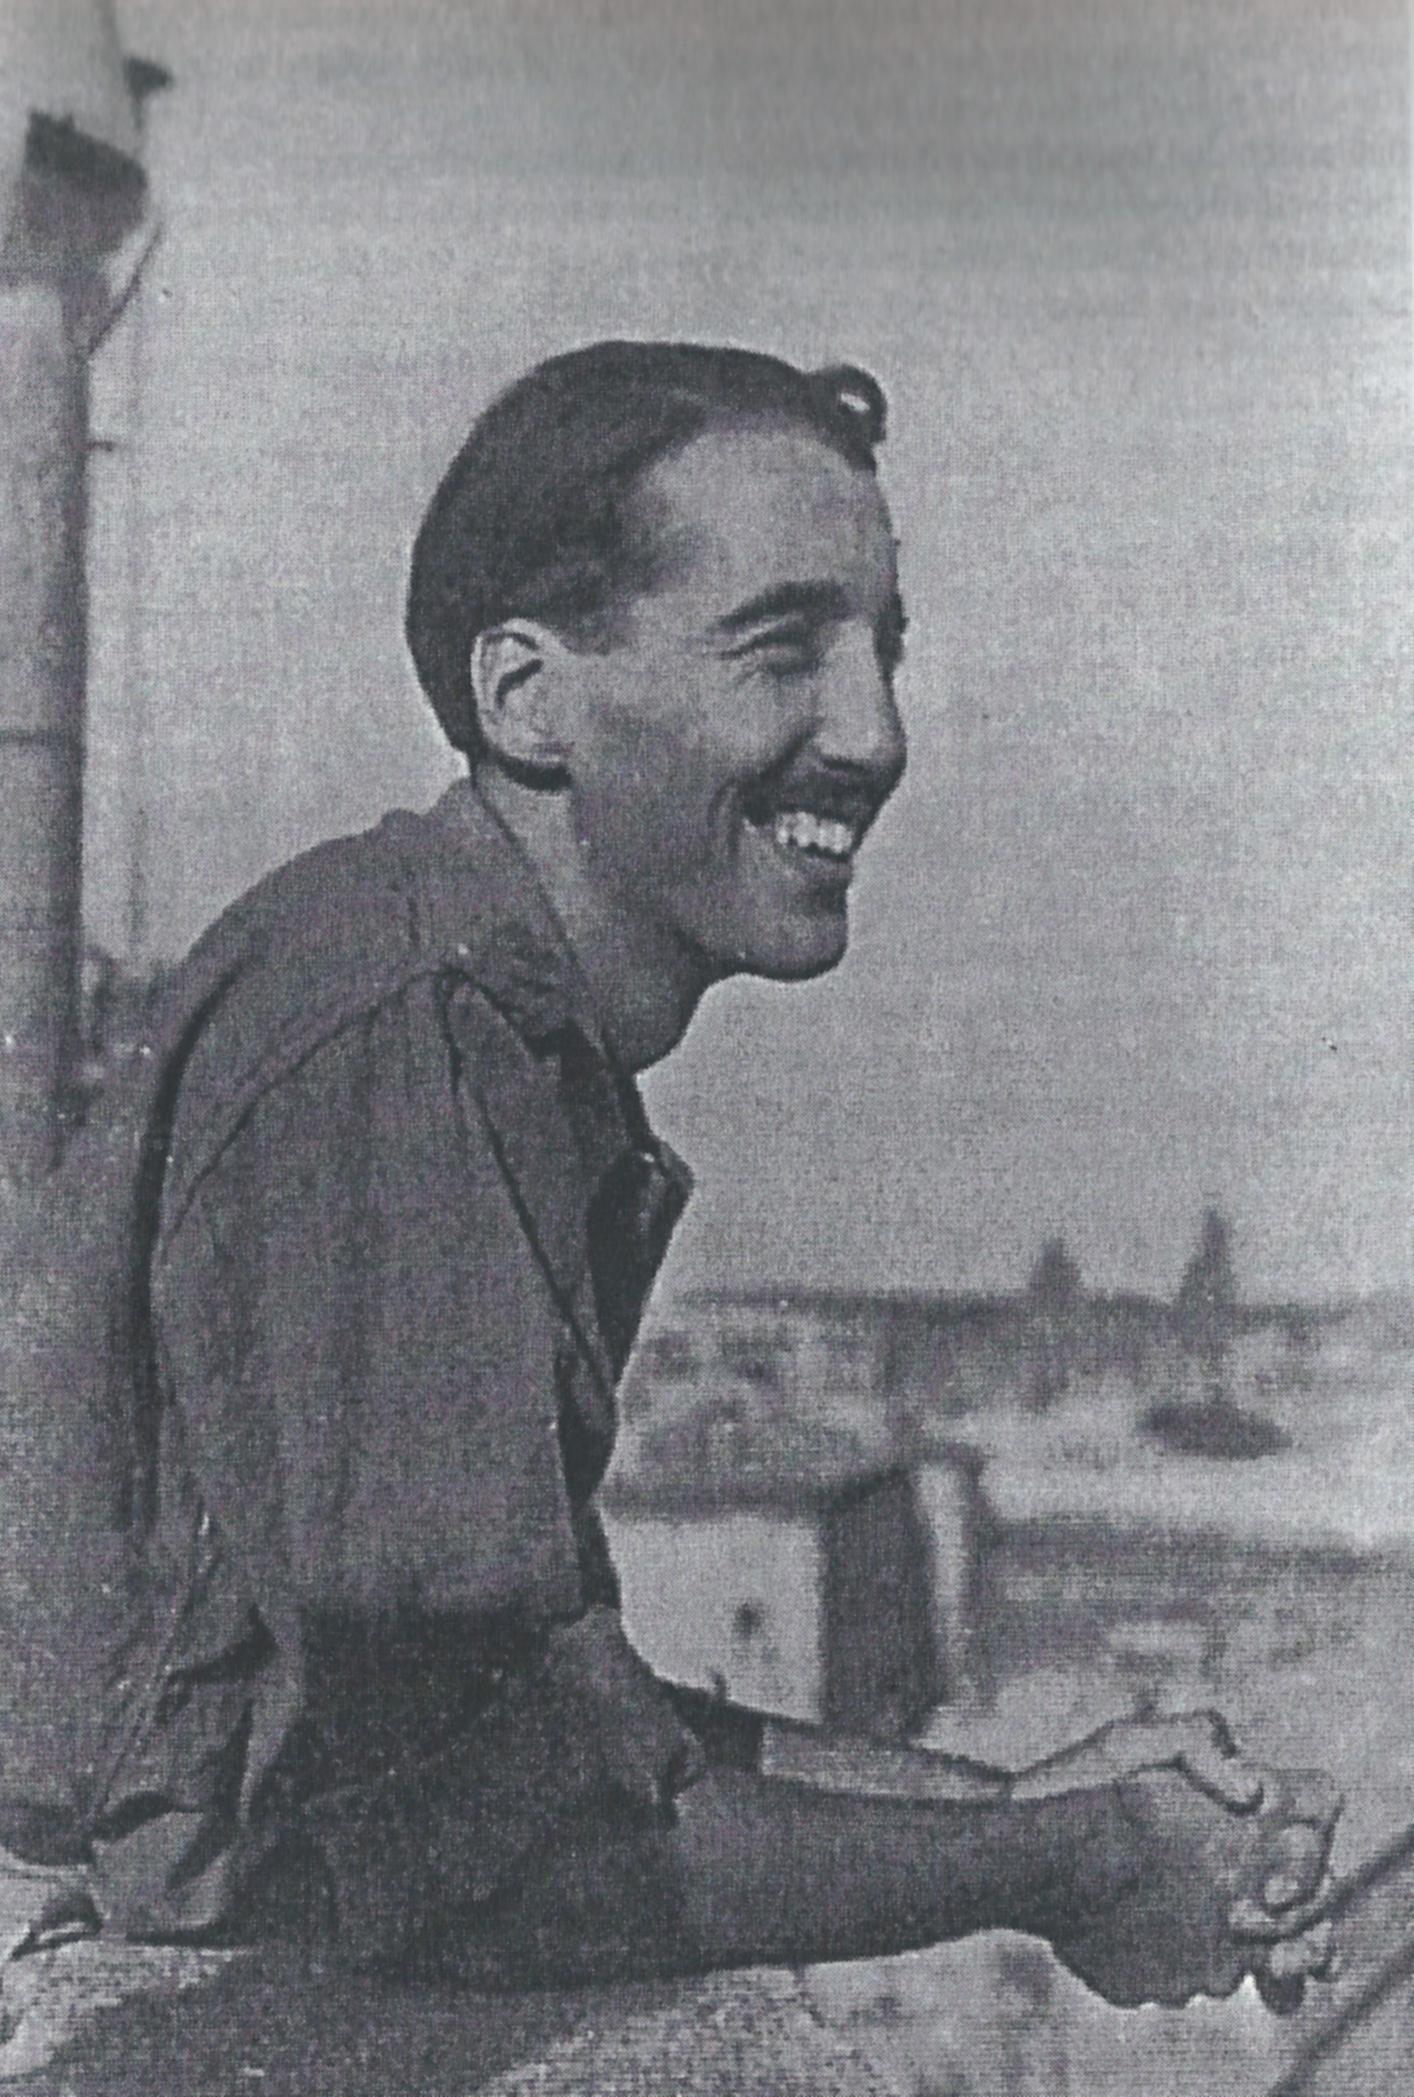 cl in 1944